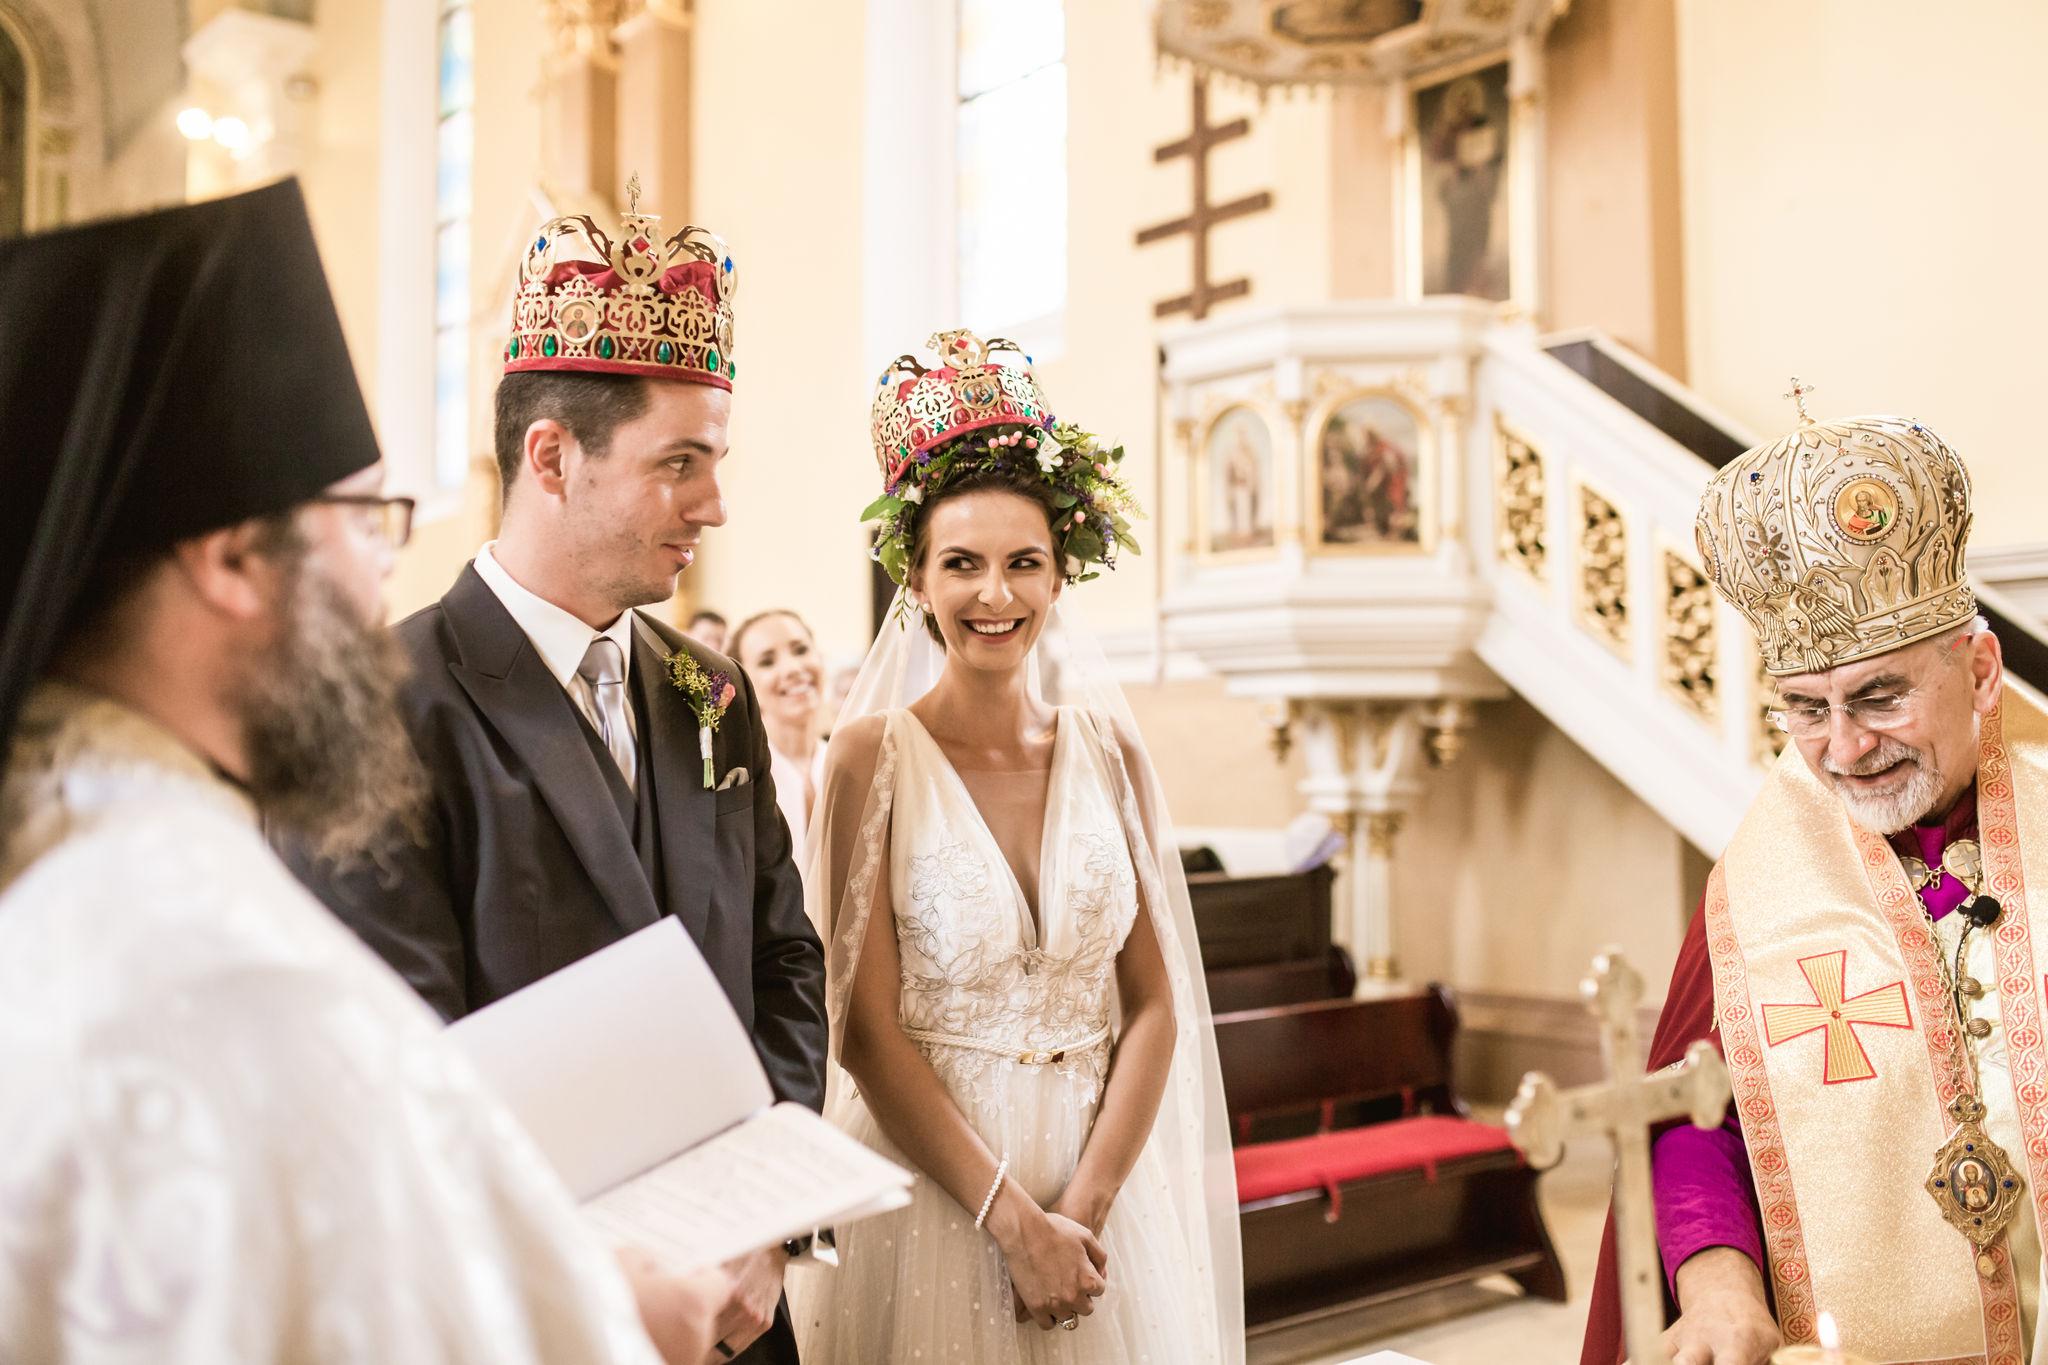 678d90e8d5 Zachovanie svadobných zvykov bolo pre mňa veľmi dôležité. Napríklad  čepčenie nevesty je veľmi emotívna časť svadby